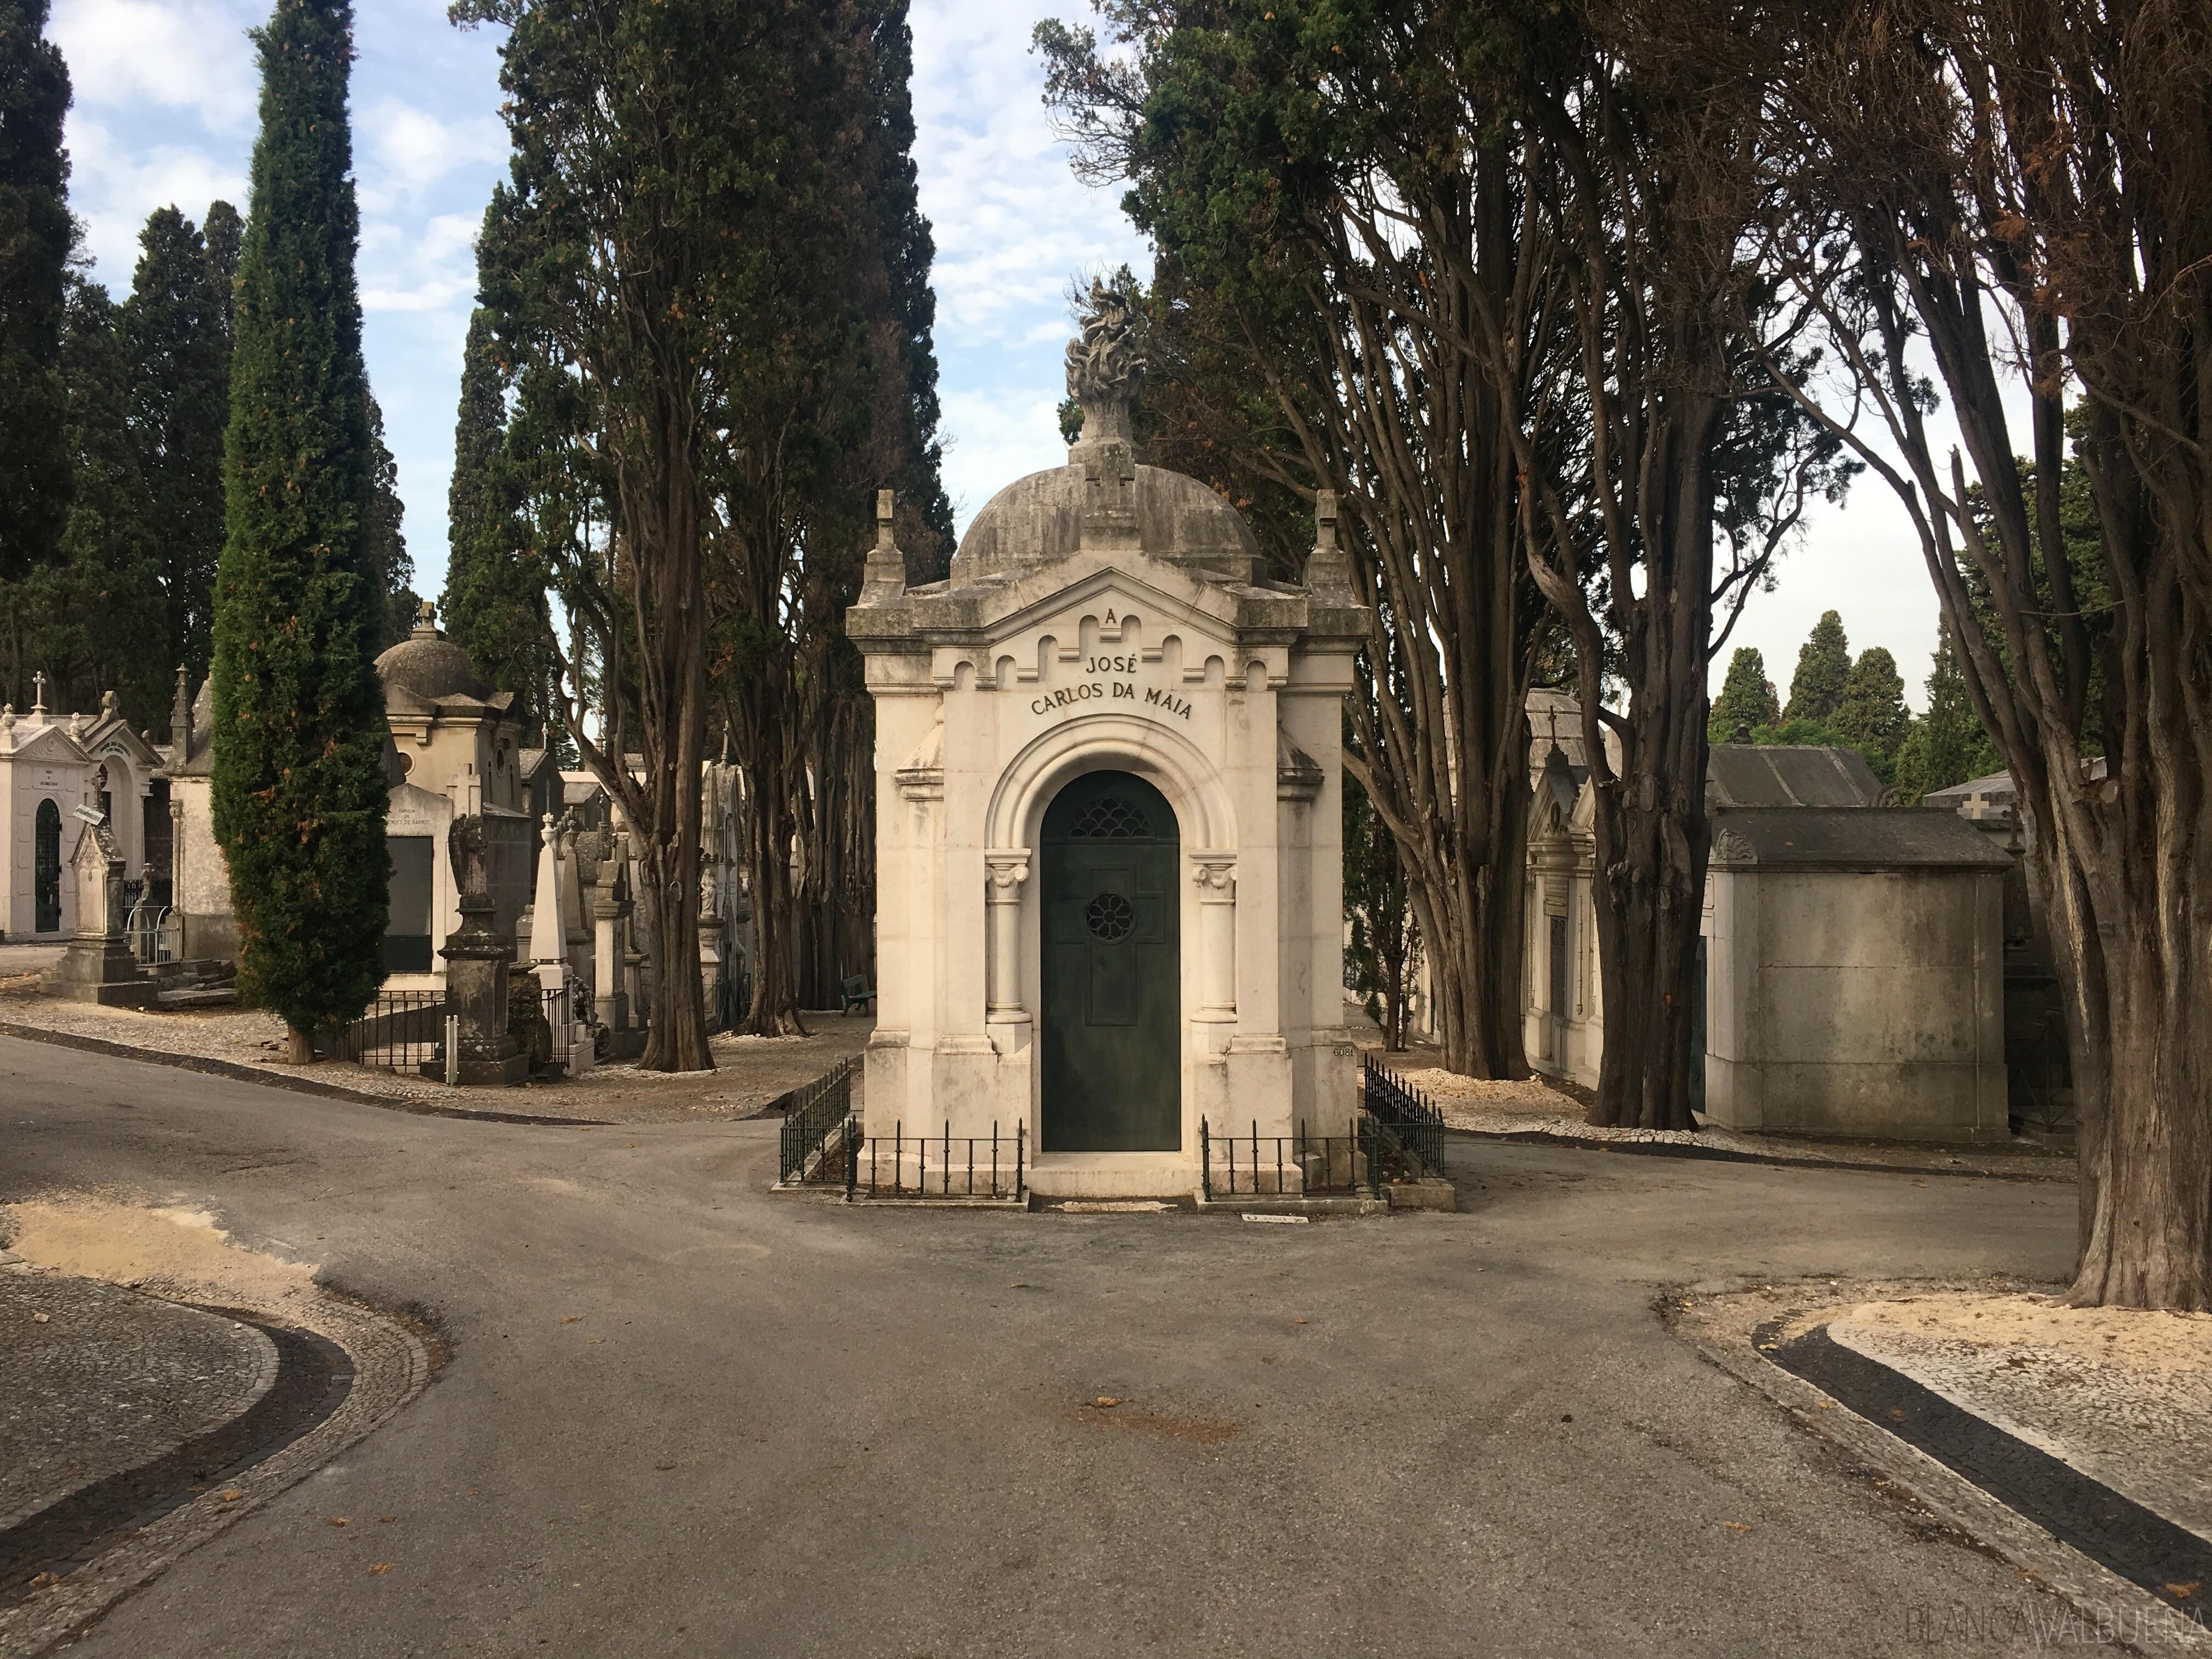 José Carlos da Maia Mezarlığı Zevkler gömüldü